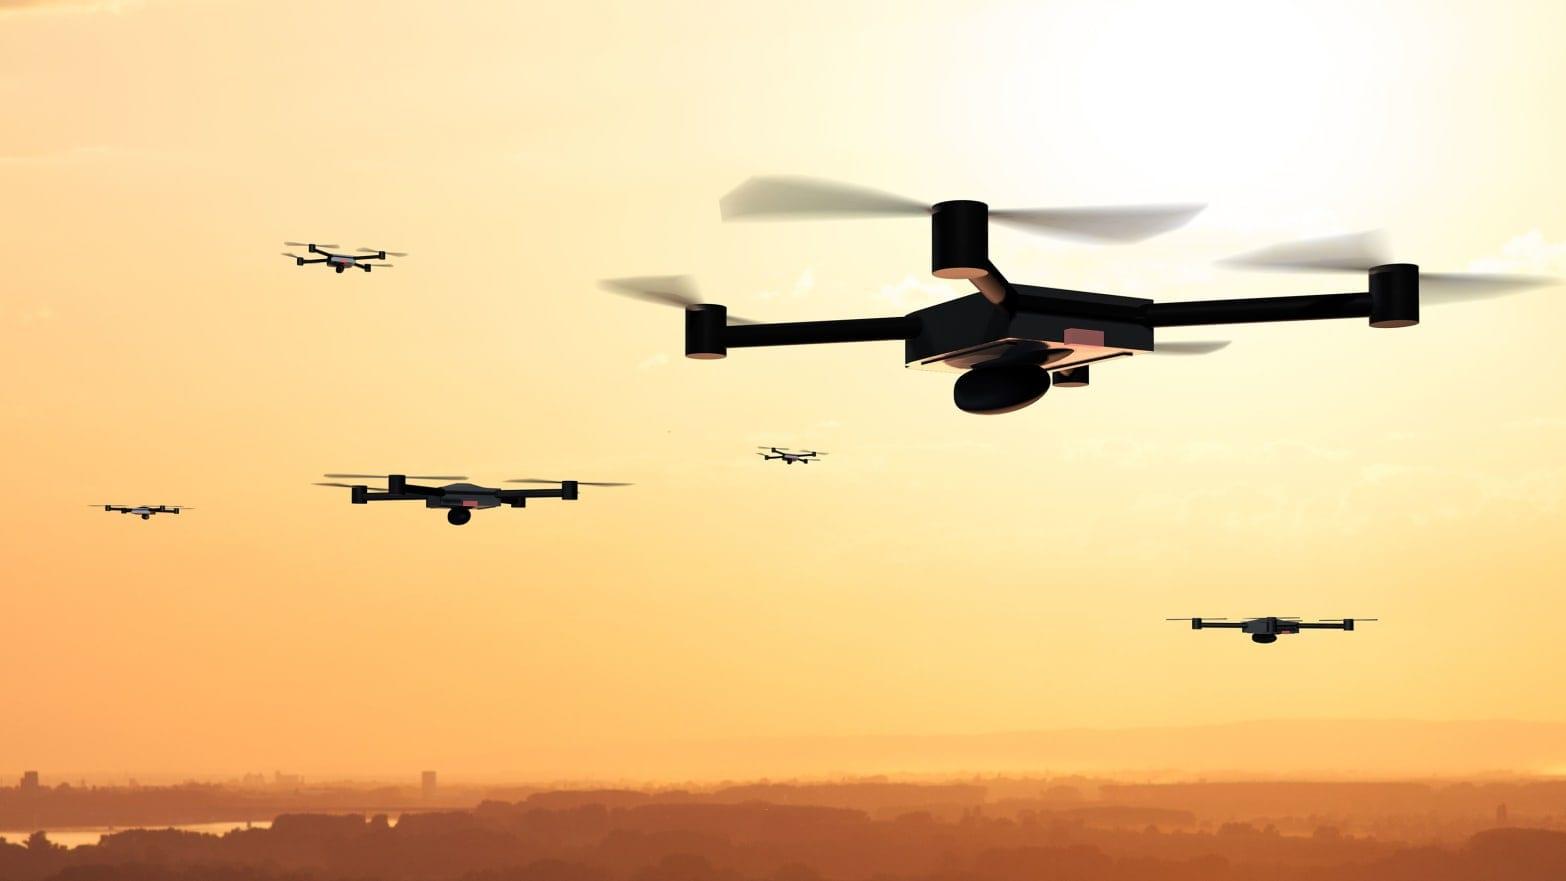 Droni e nuova regolamentazione: la guida per volare a norma